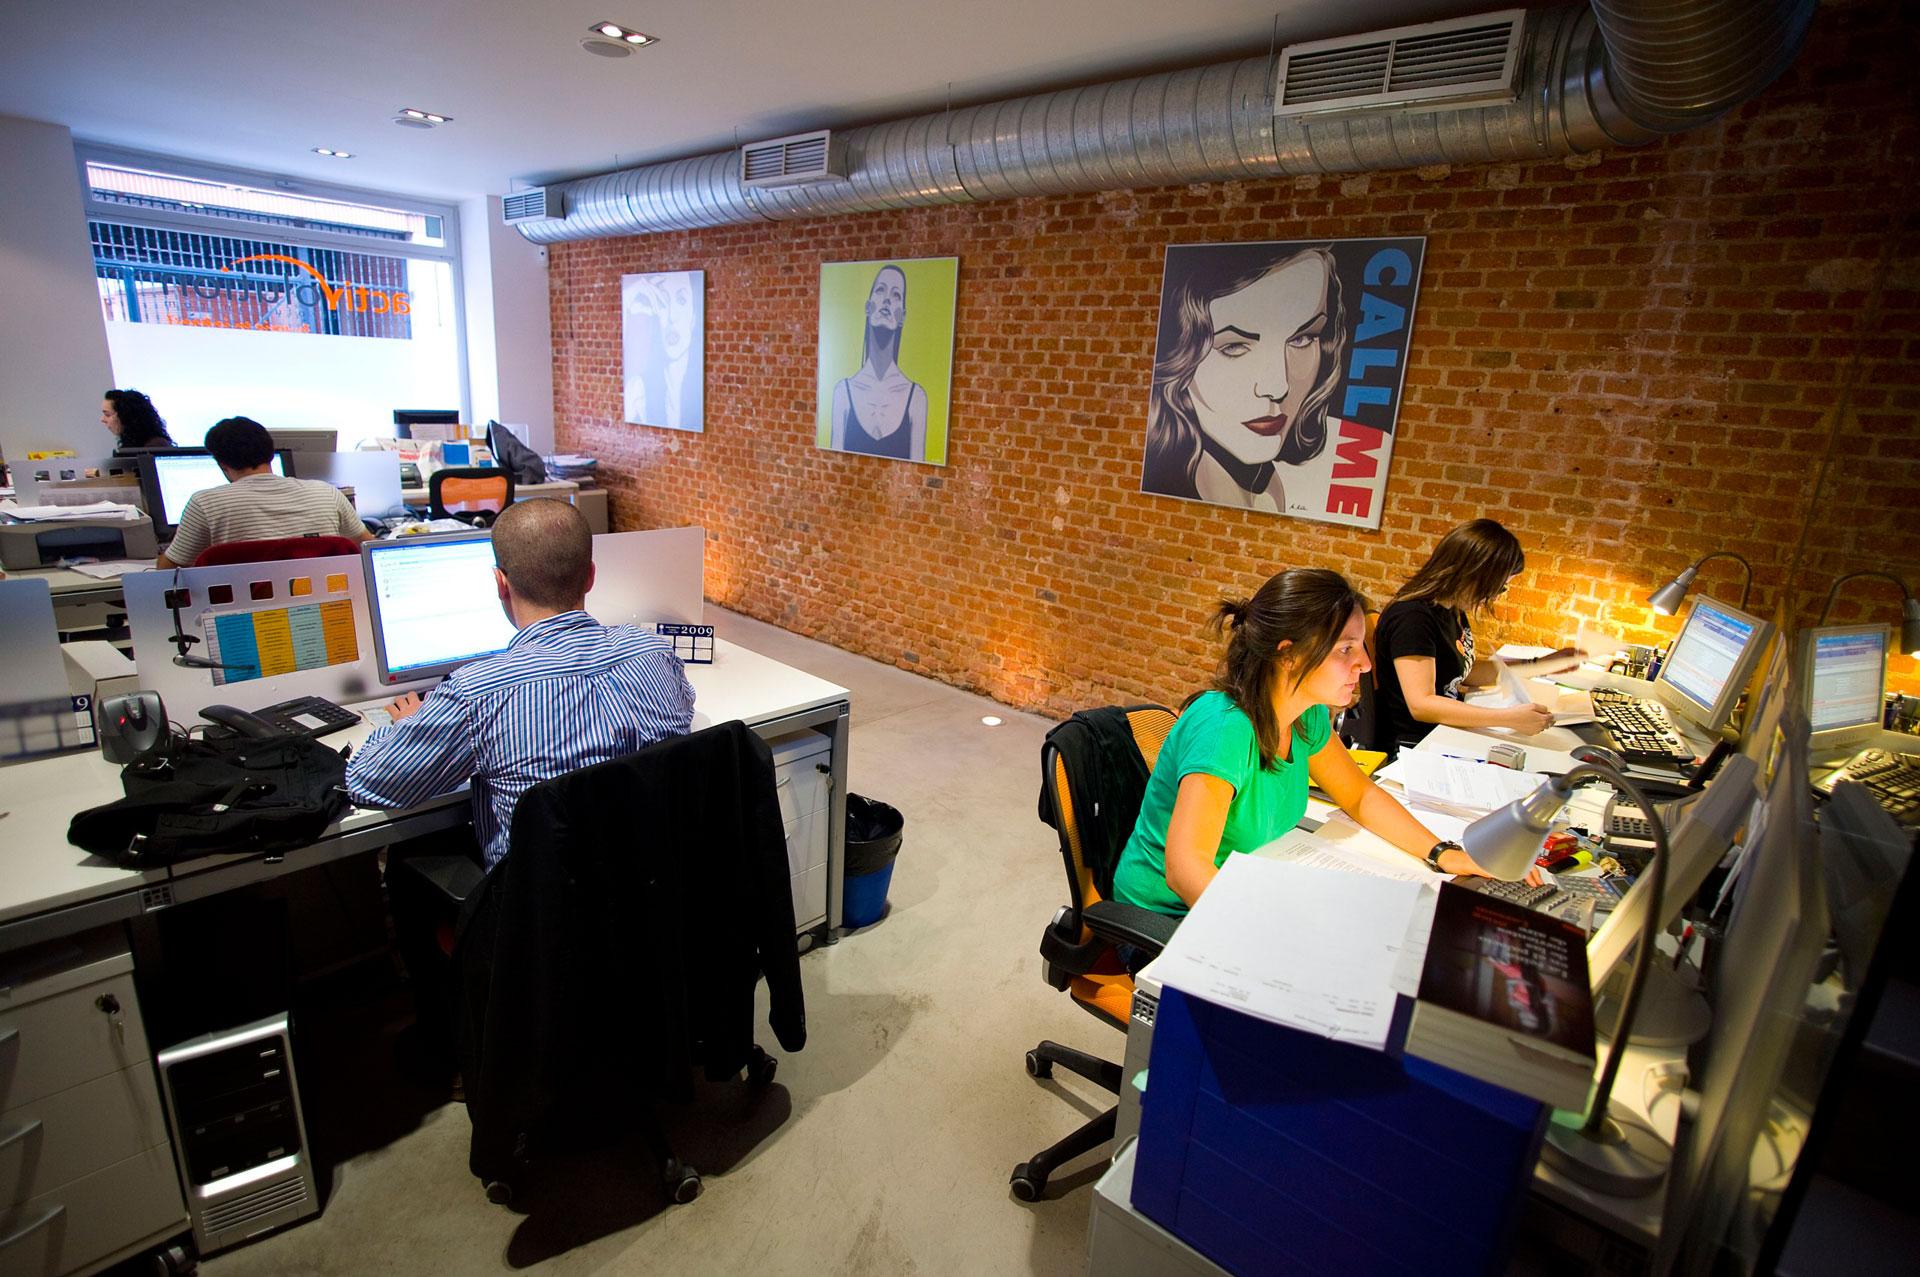 Ufficio con pavimento in microcemento e parete in mattoni